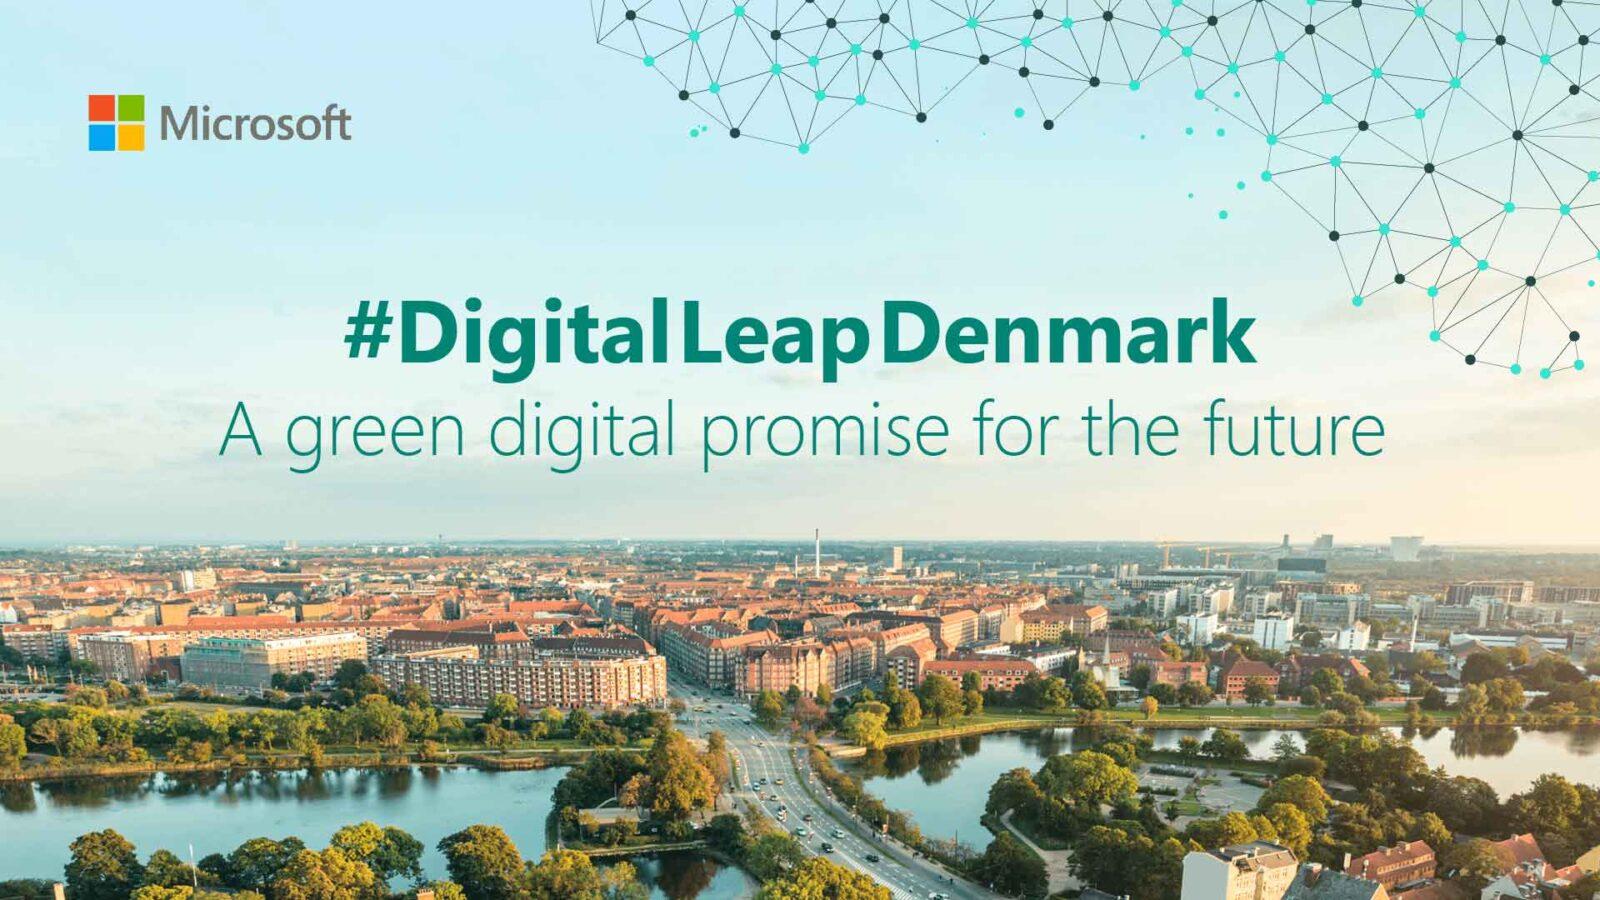 تحولات سبز با مایکروسافت AZUR در دانمارک